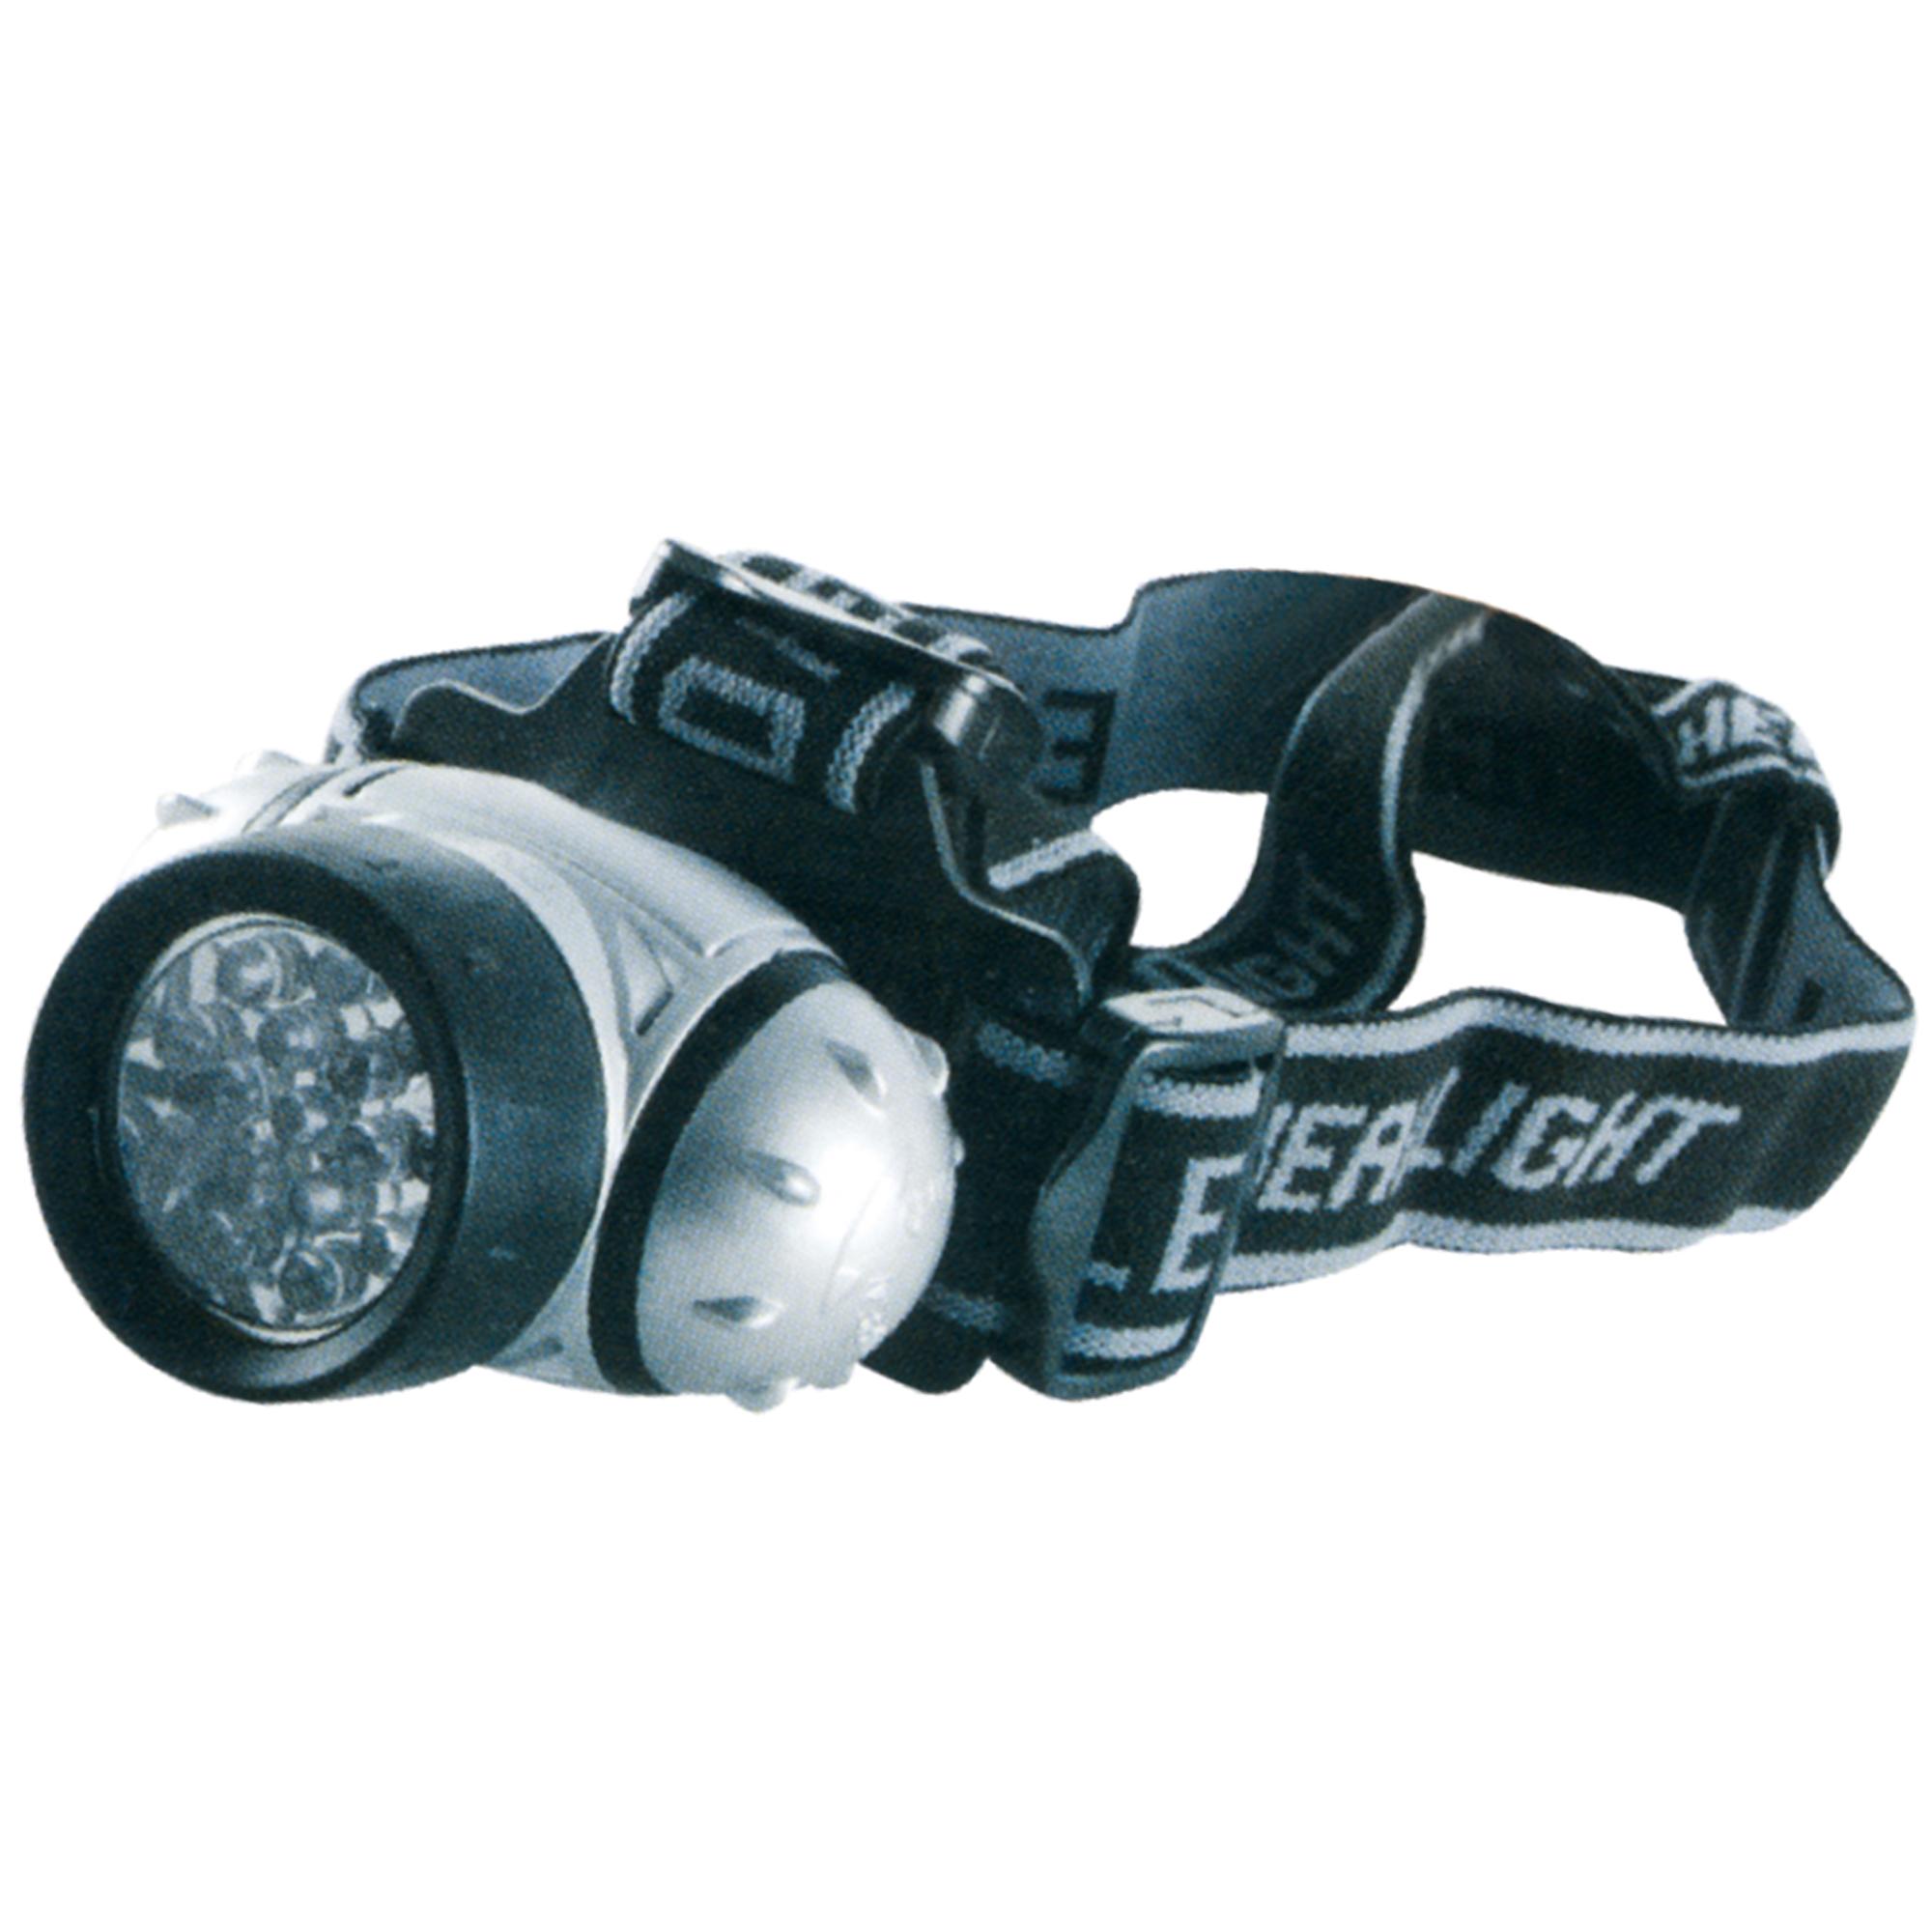 Kopflampe mit 16 LEDs